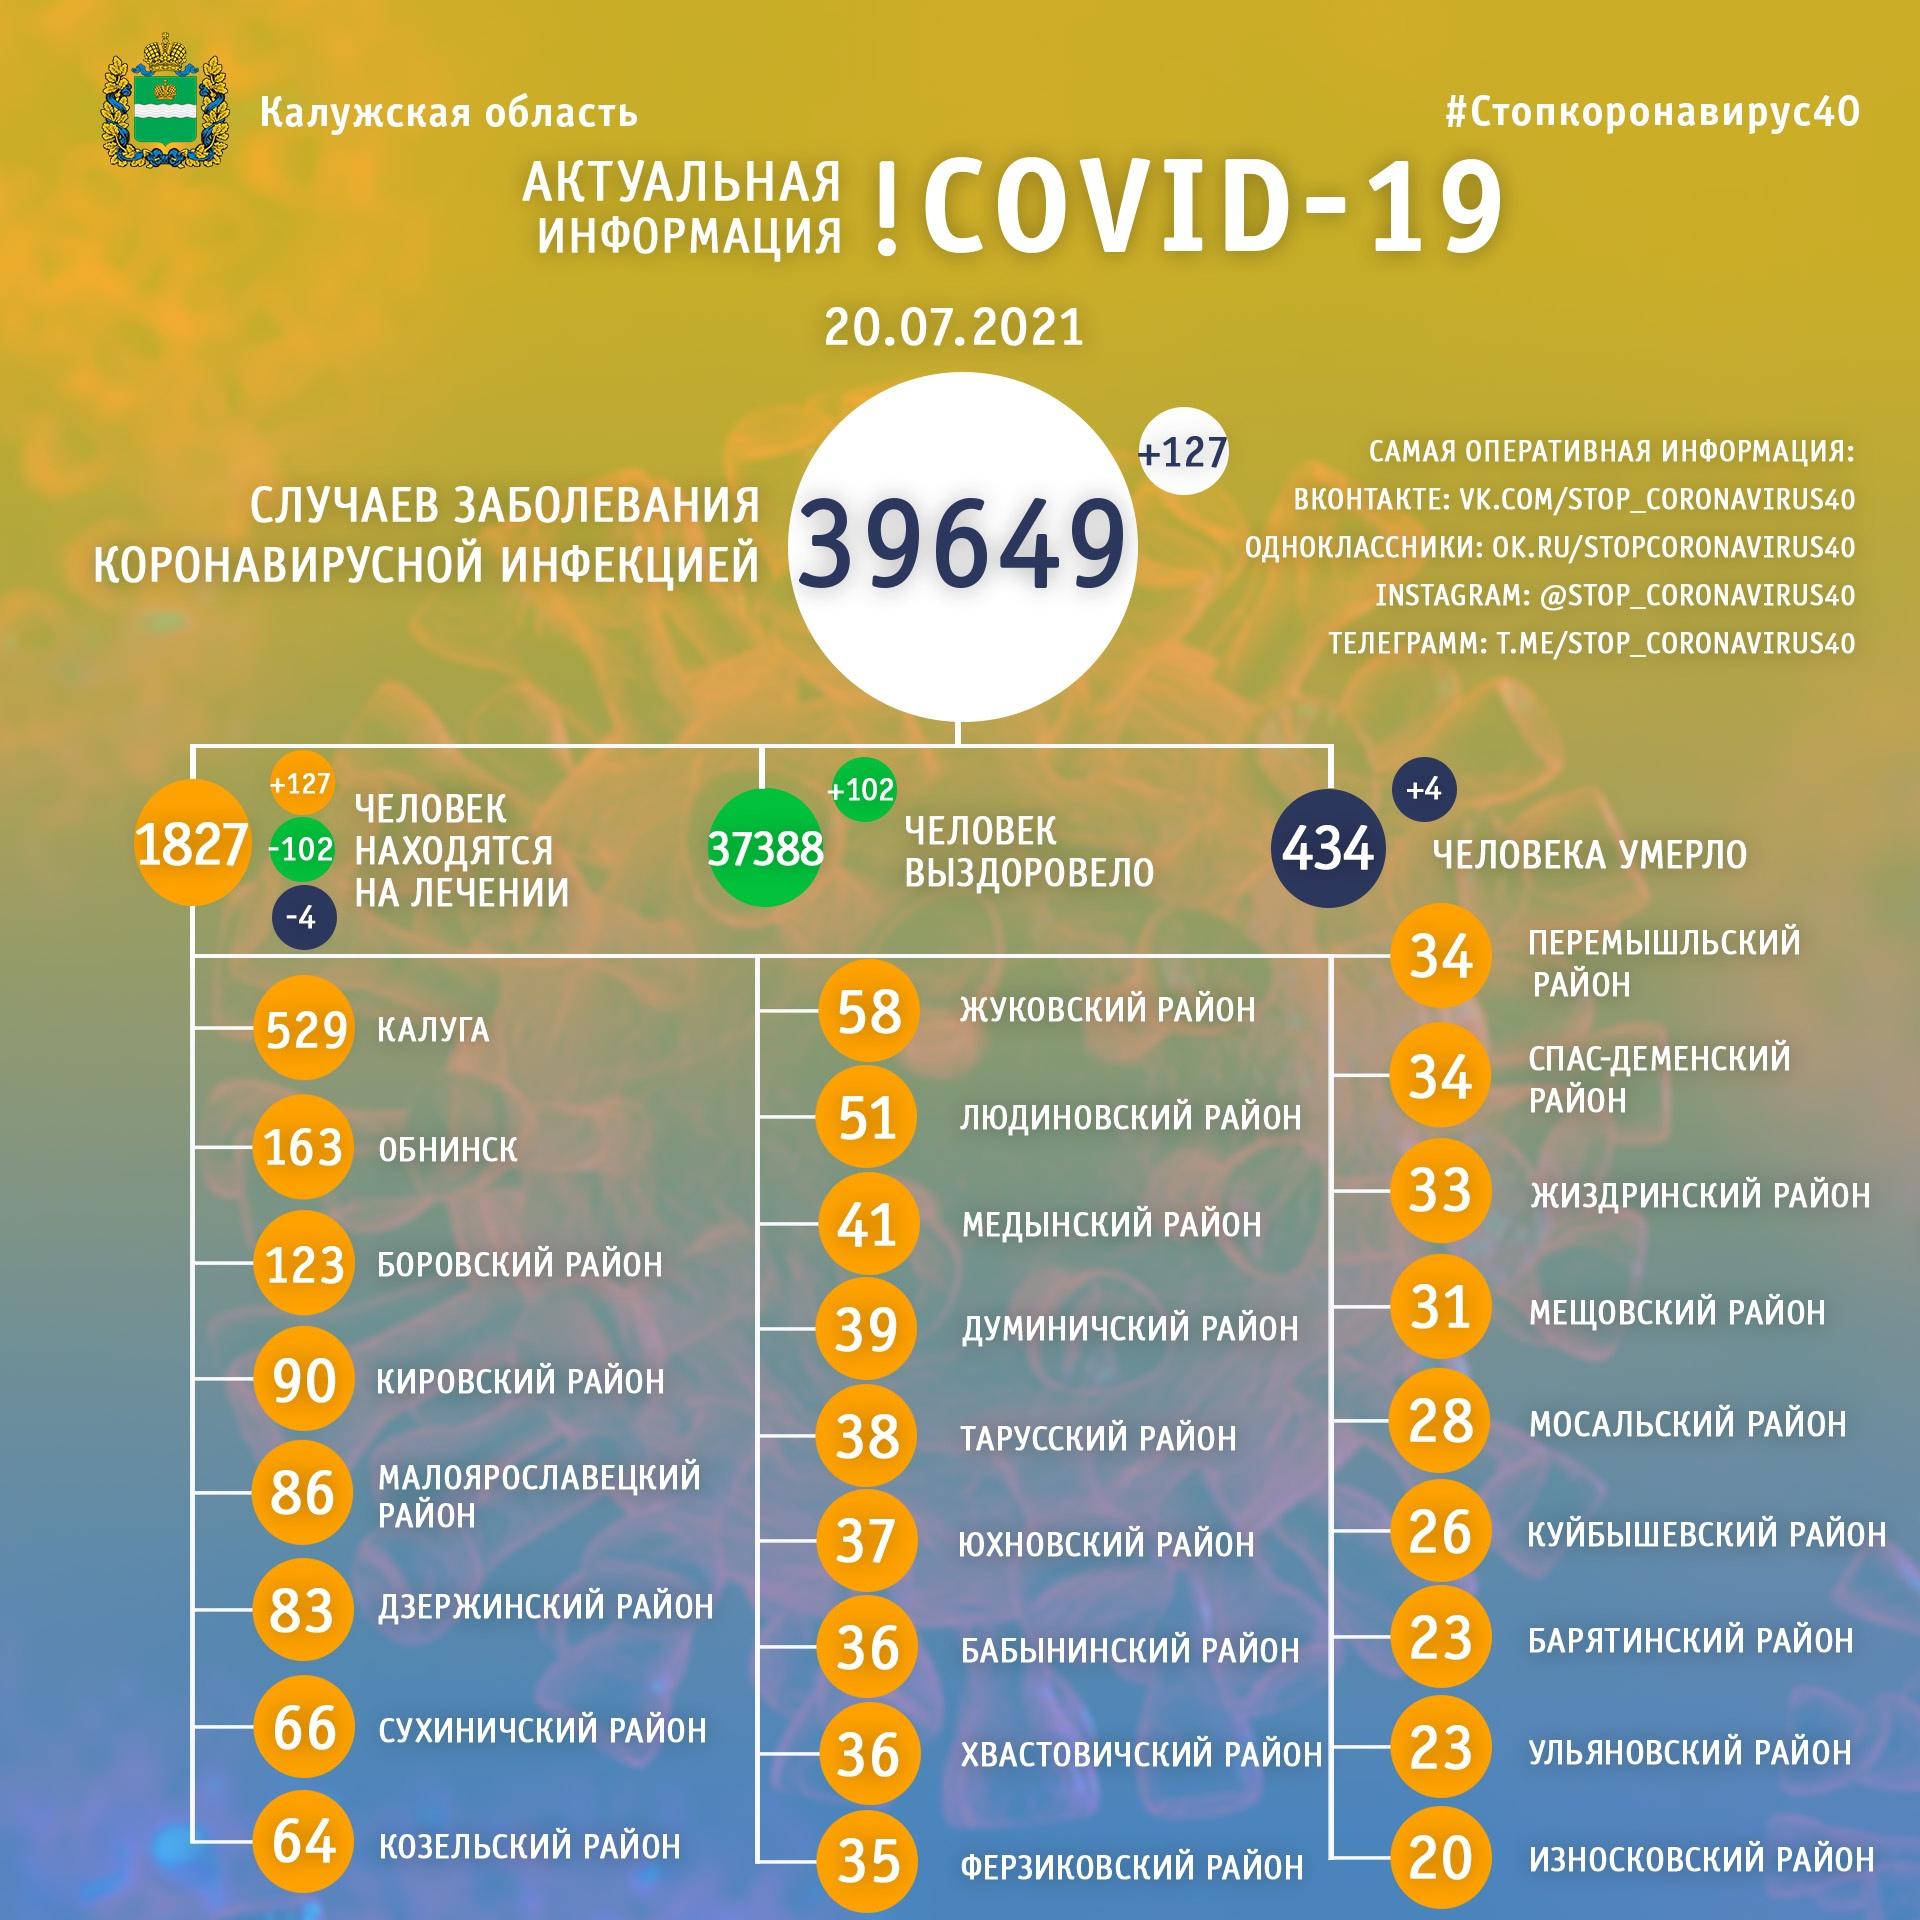 Официальная статистика по коронавирусу в Калужской области на 20 июля 2021 года.